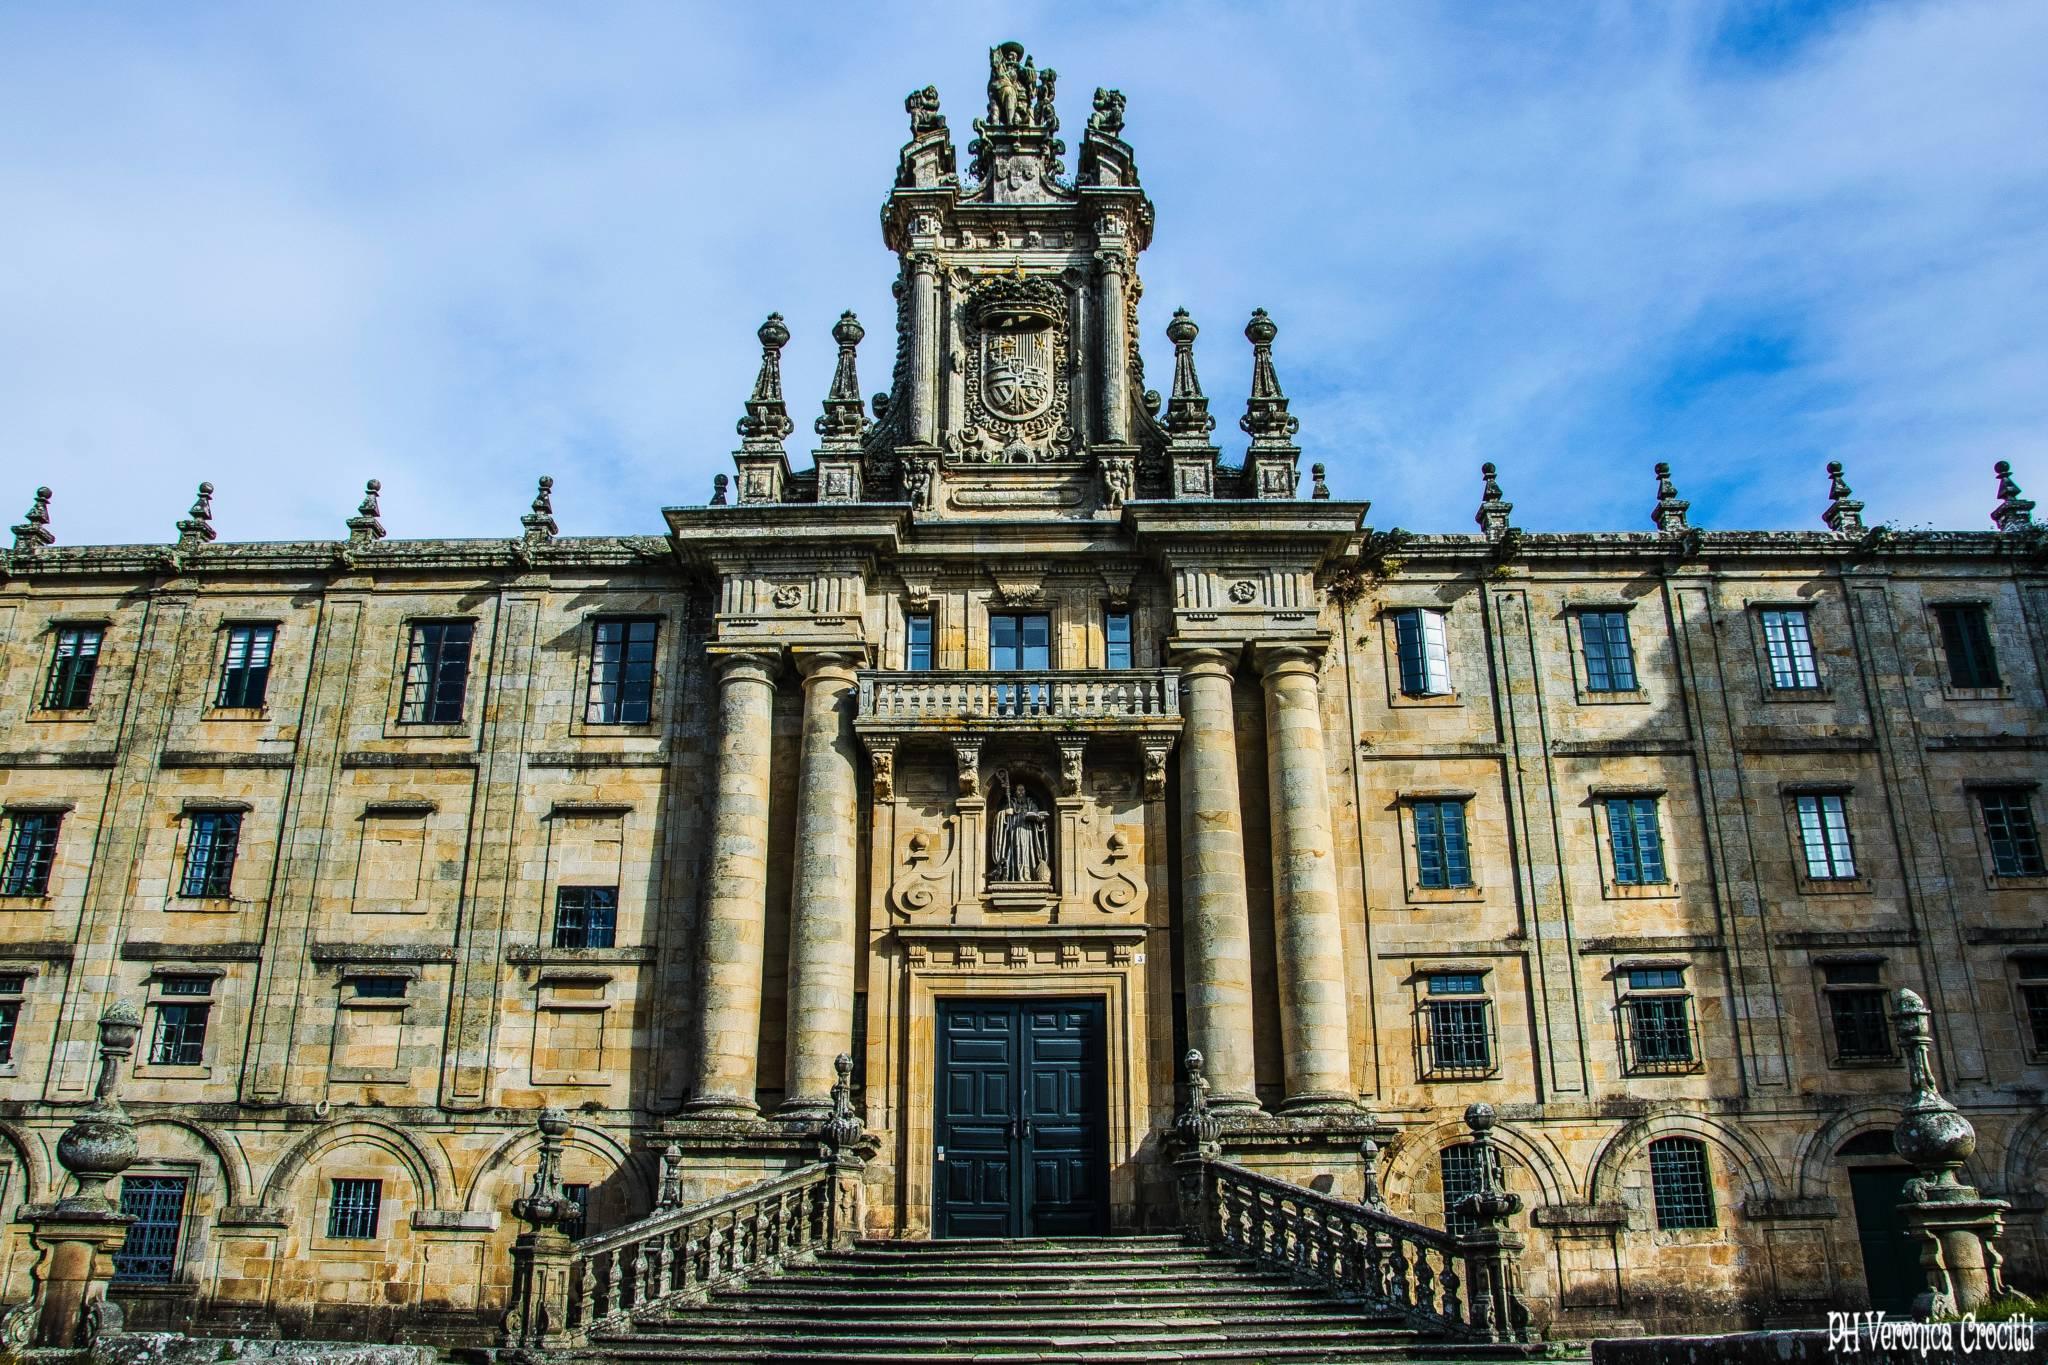 Casco histórico - Santiago di Compostela (Spagna)